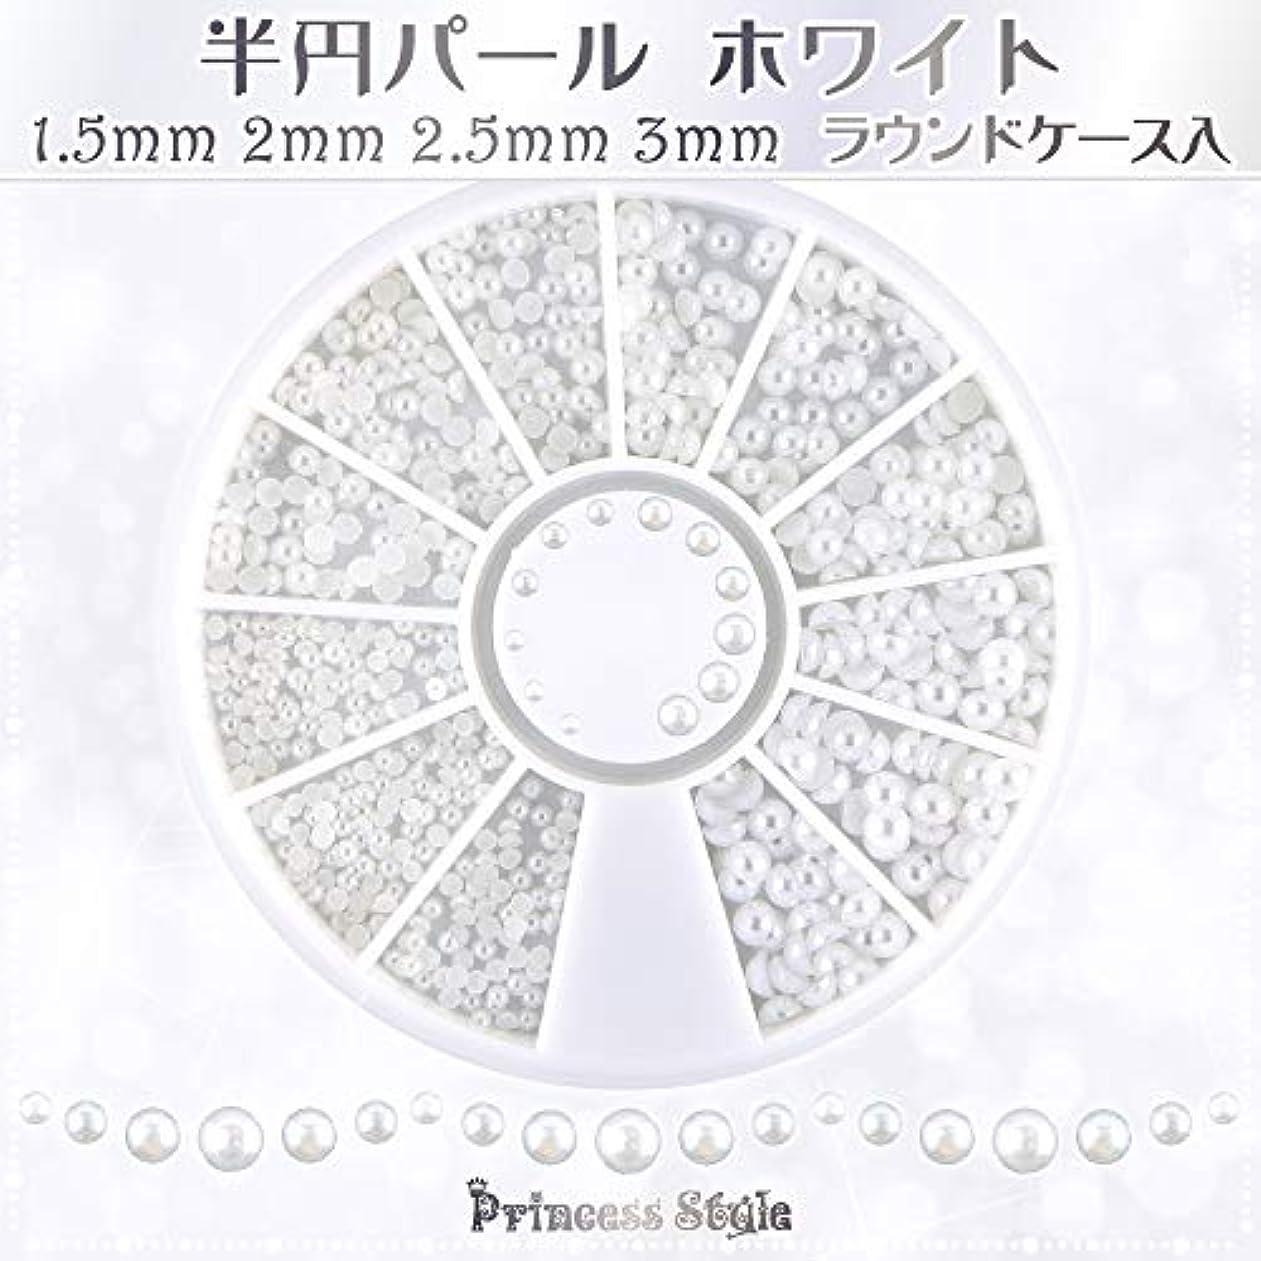 雨後世アレルギー性半円パール ホワイト ネイル デコ用 1.5mm,2mm,2.5mm,3mm ラウンドケース入